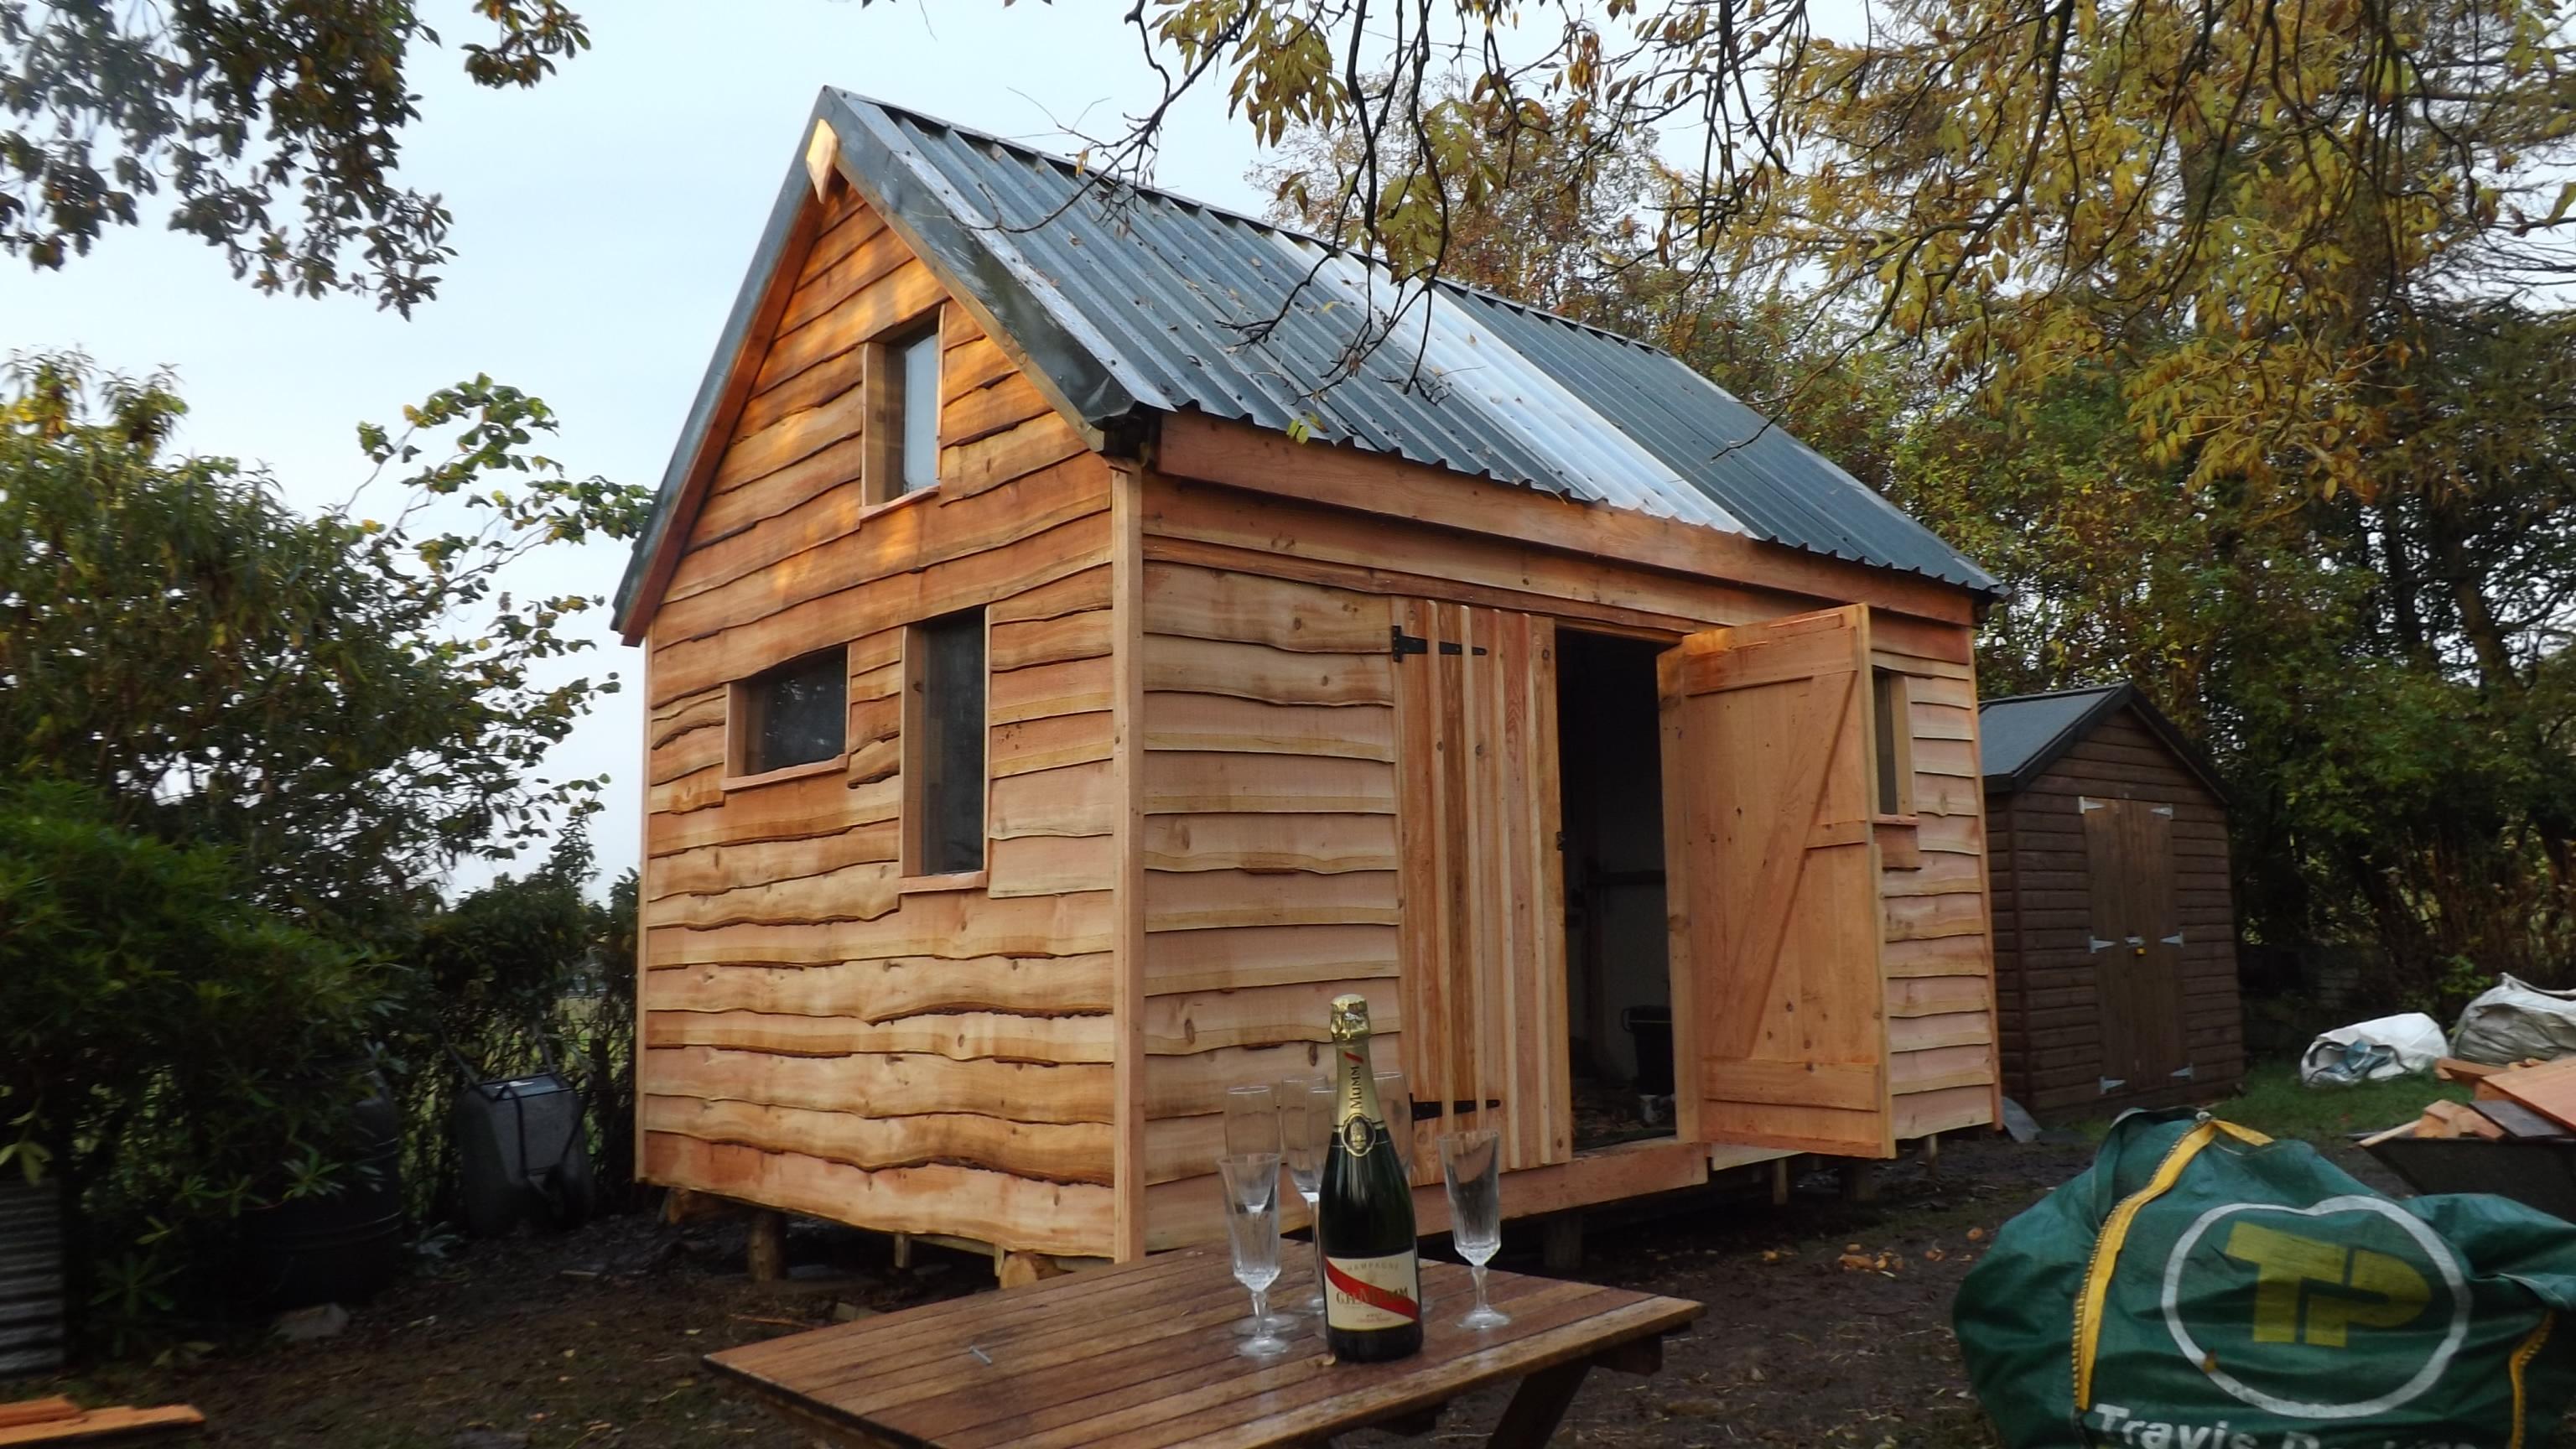 11' * 15' shed with mezzanine platform